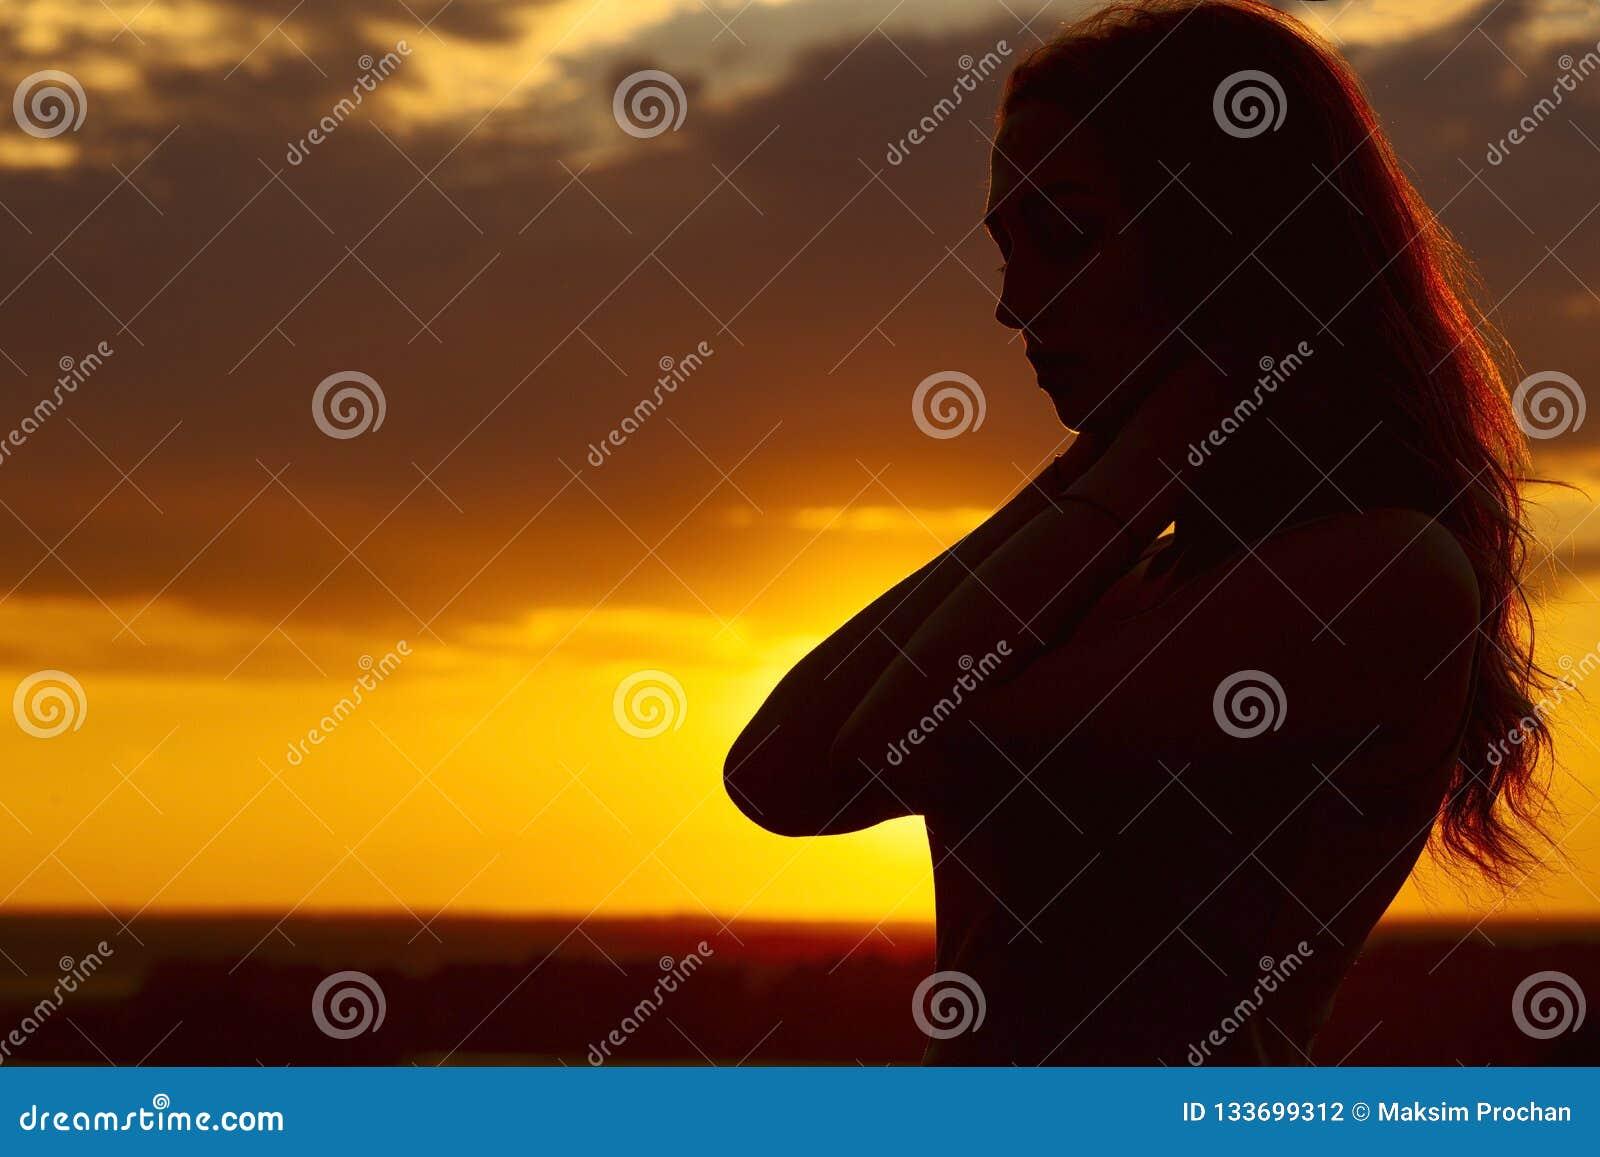 Schattenbild eines schönen romantischen Mädchens bei Sonnenuntergang, Gesichtsprofil der jungen Frau mit dem langen Haar bei heiß